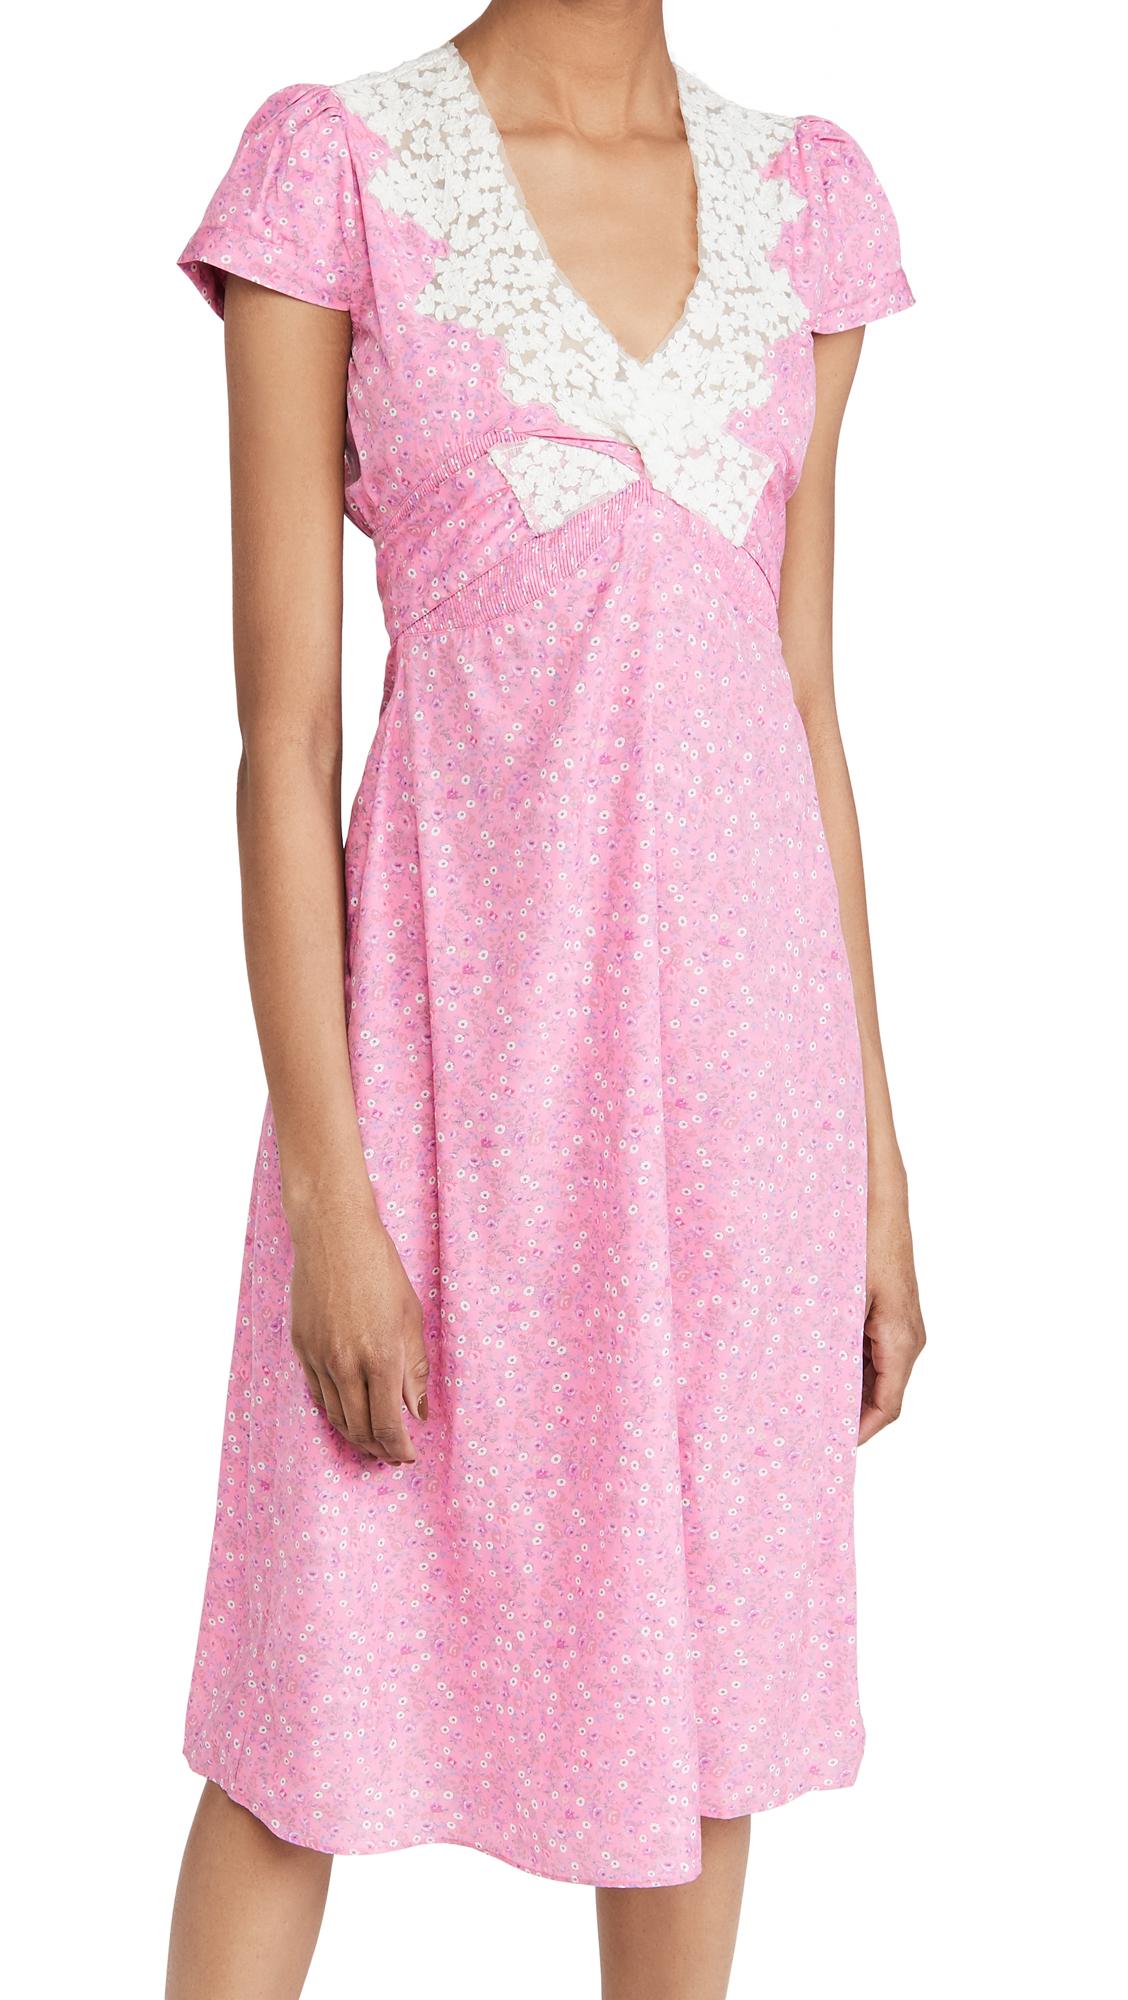 LOVESHACKFANCY Minuet Dress